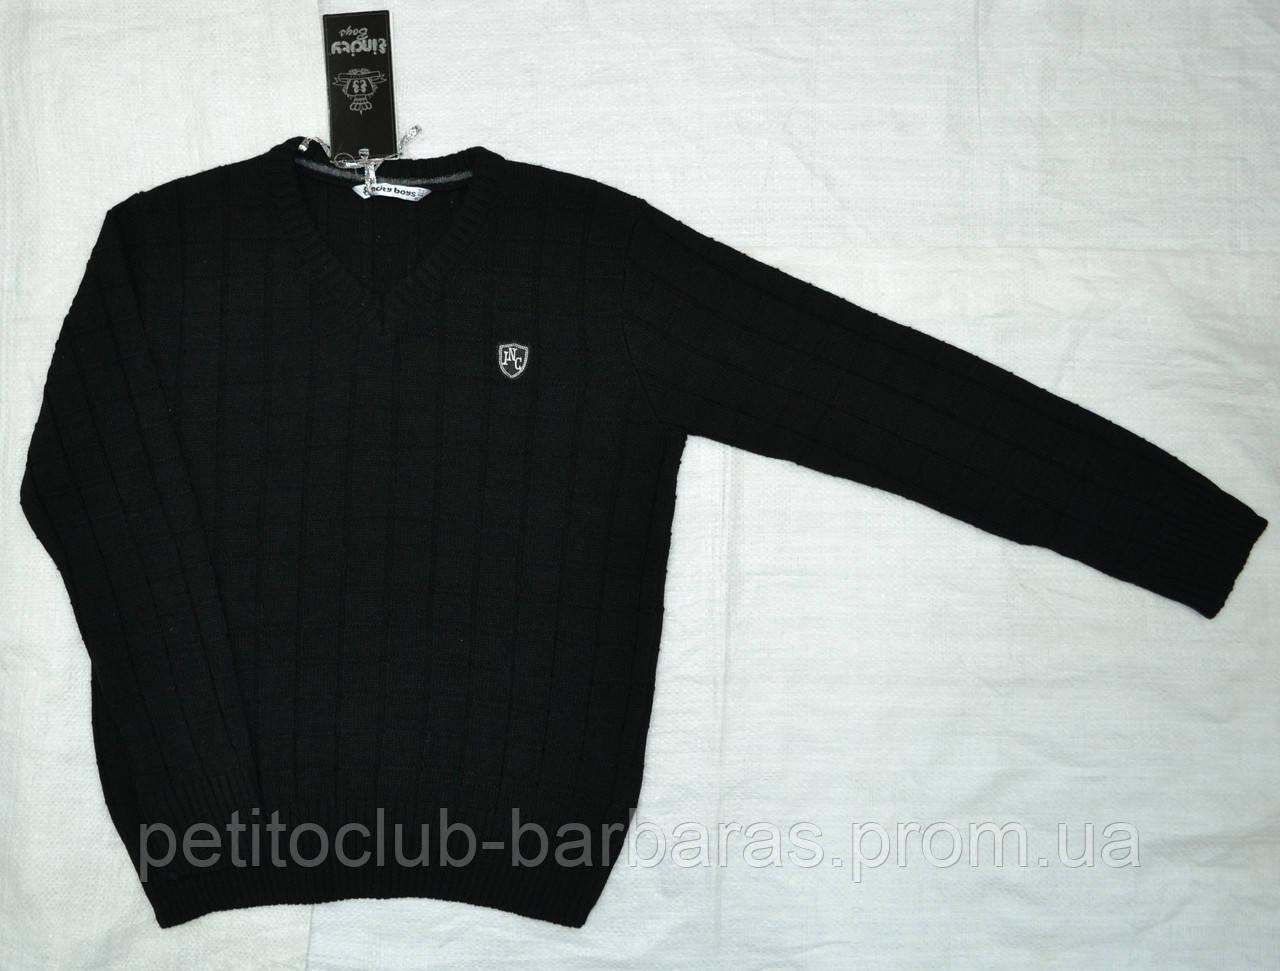 Пуловер для мальчика однотонный черный (InCity, Турция)